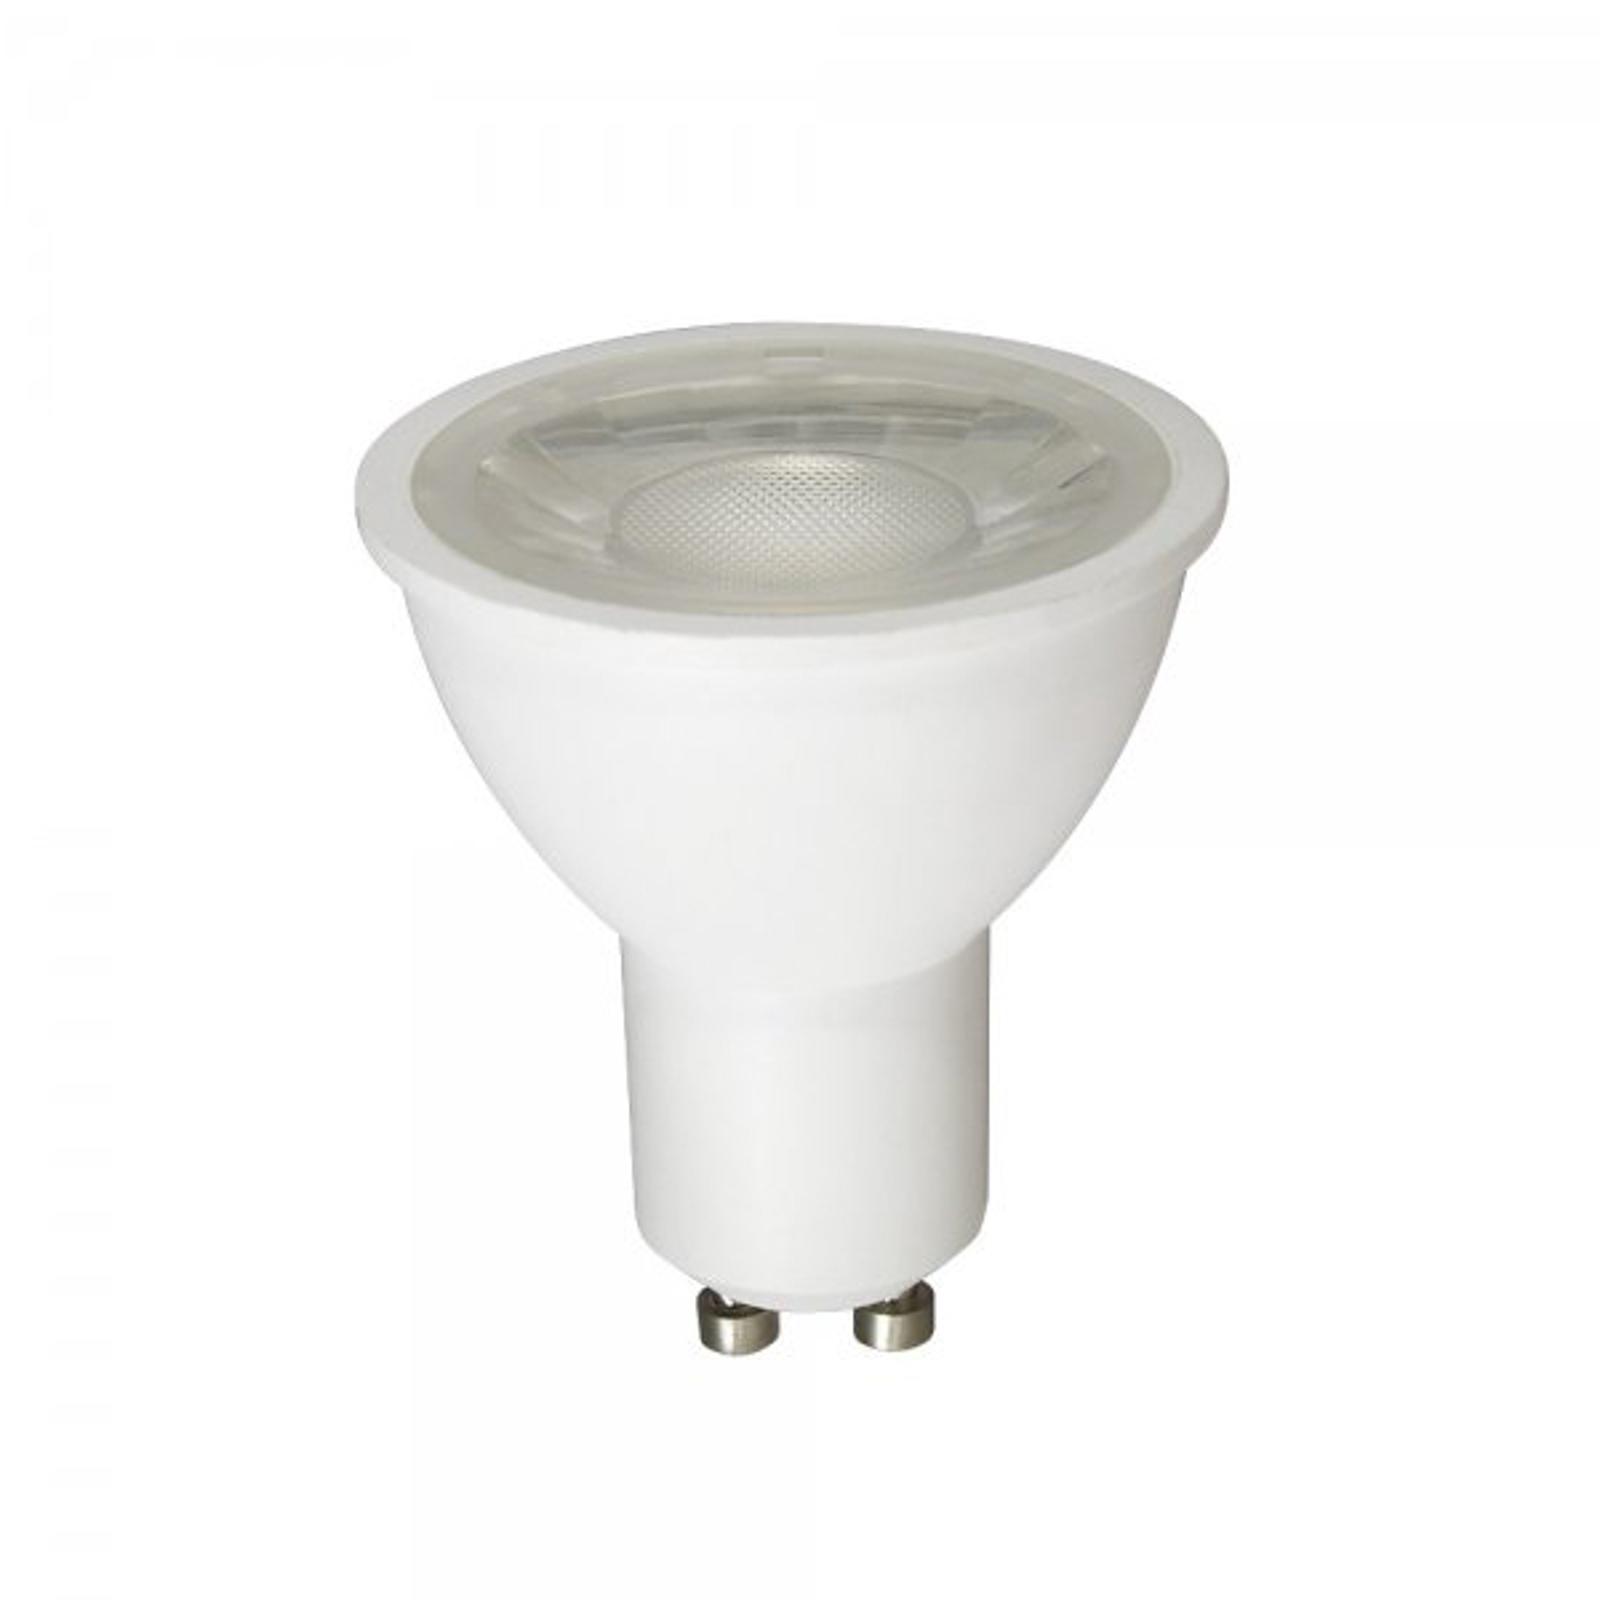 GU10 6 W 830 LED-reflektorlampa HELSO